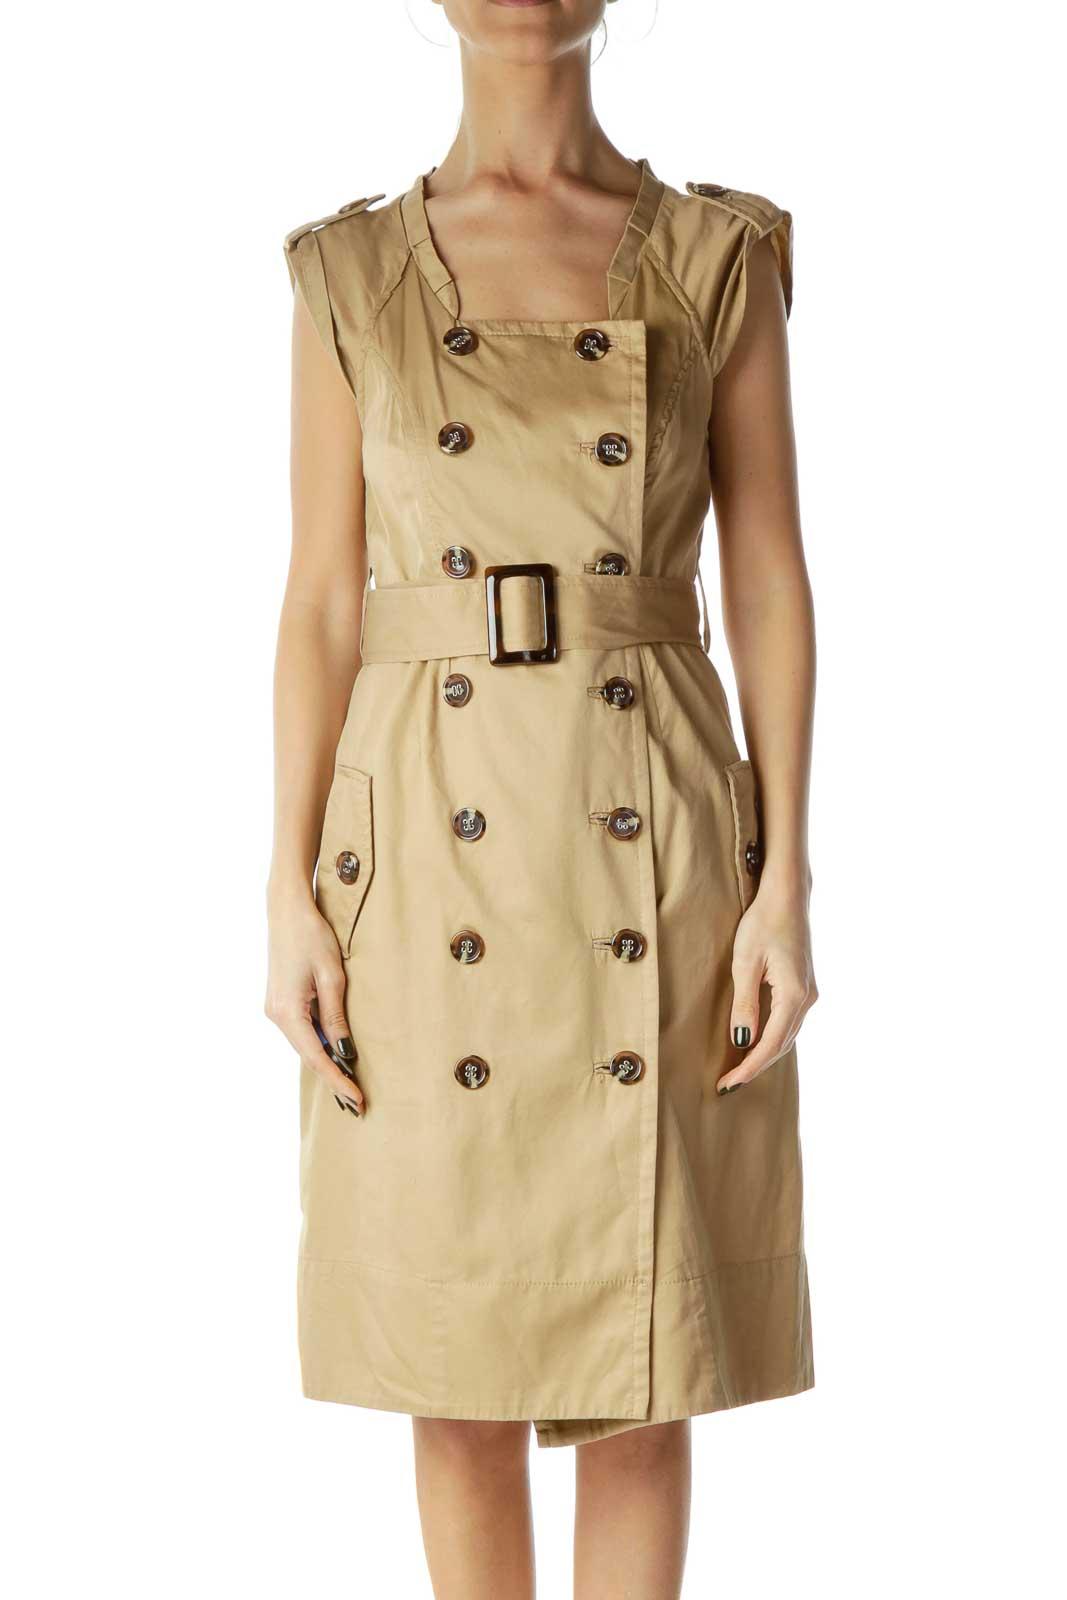 Beige Buttoned Shirt Dress Front